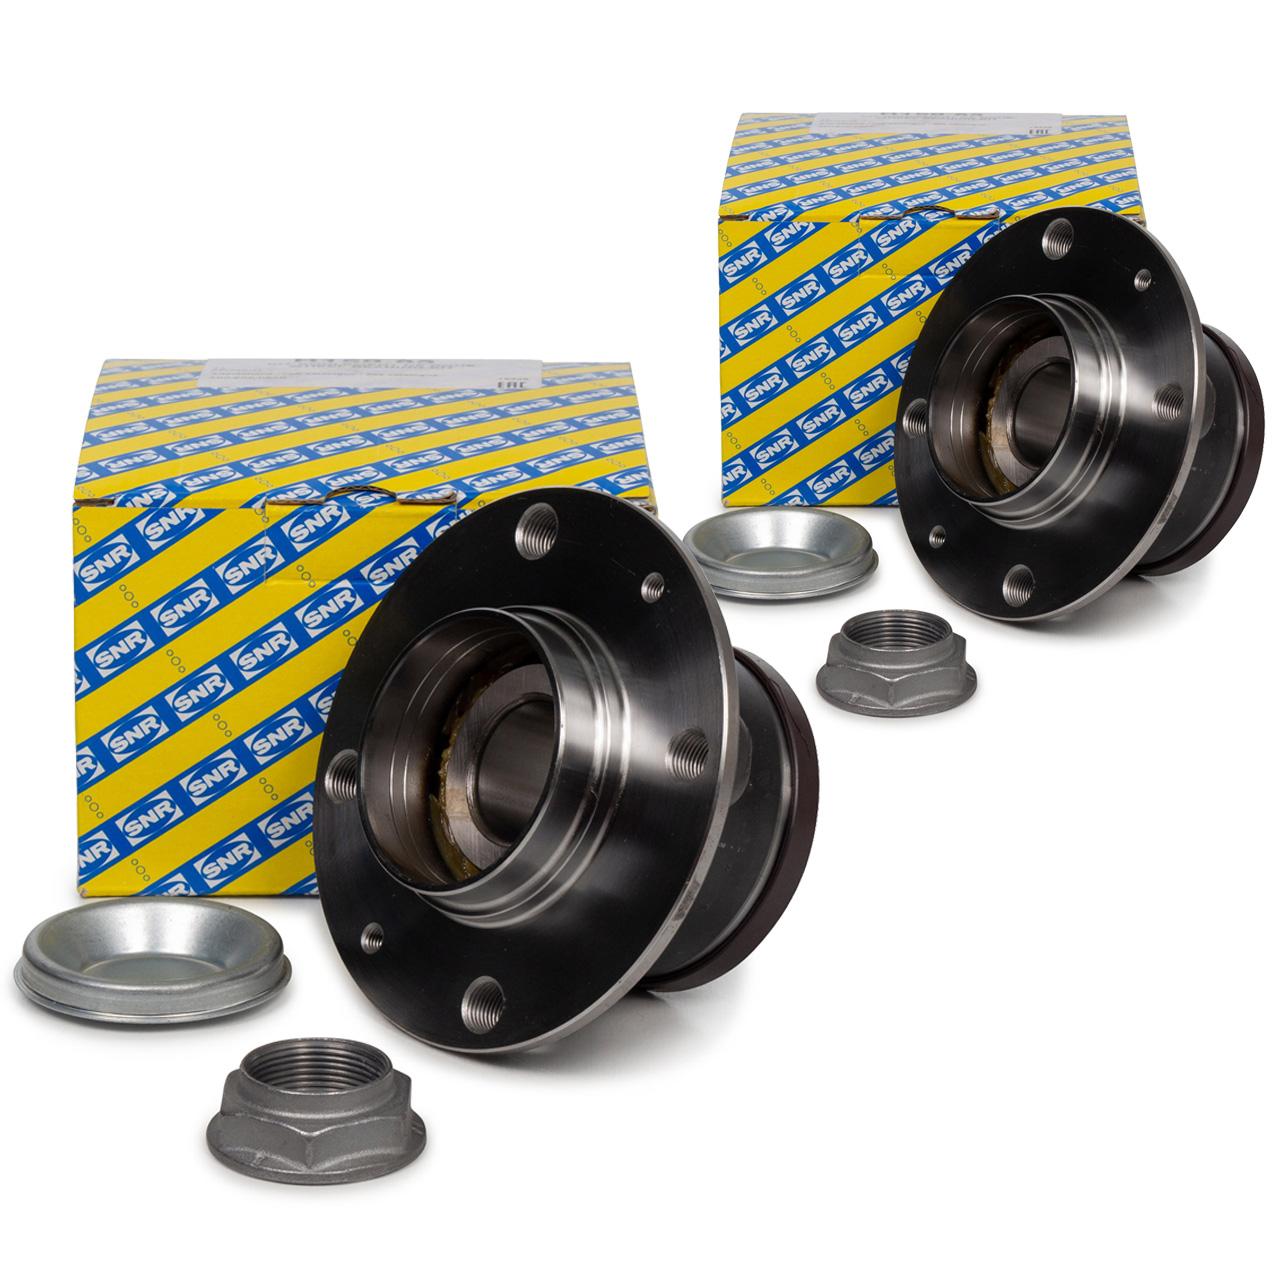 2x SNR R159.63 Radlagersatz CITROEN DS4 DS5 PEUGEOT 308 I RCZ hinten 3748.A5